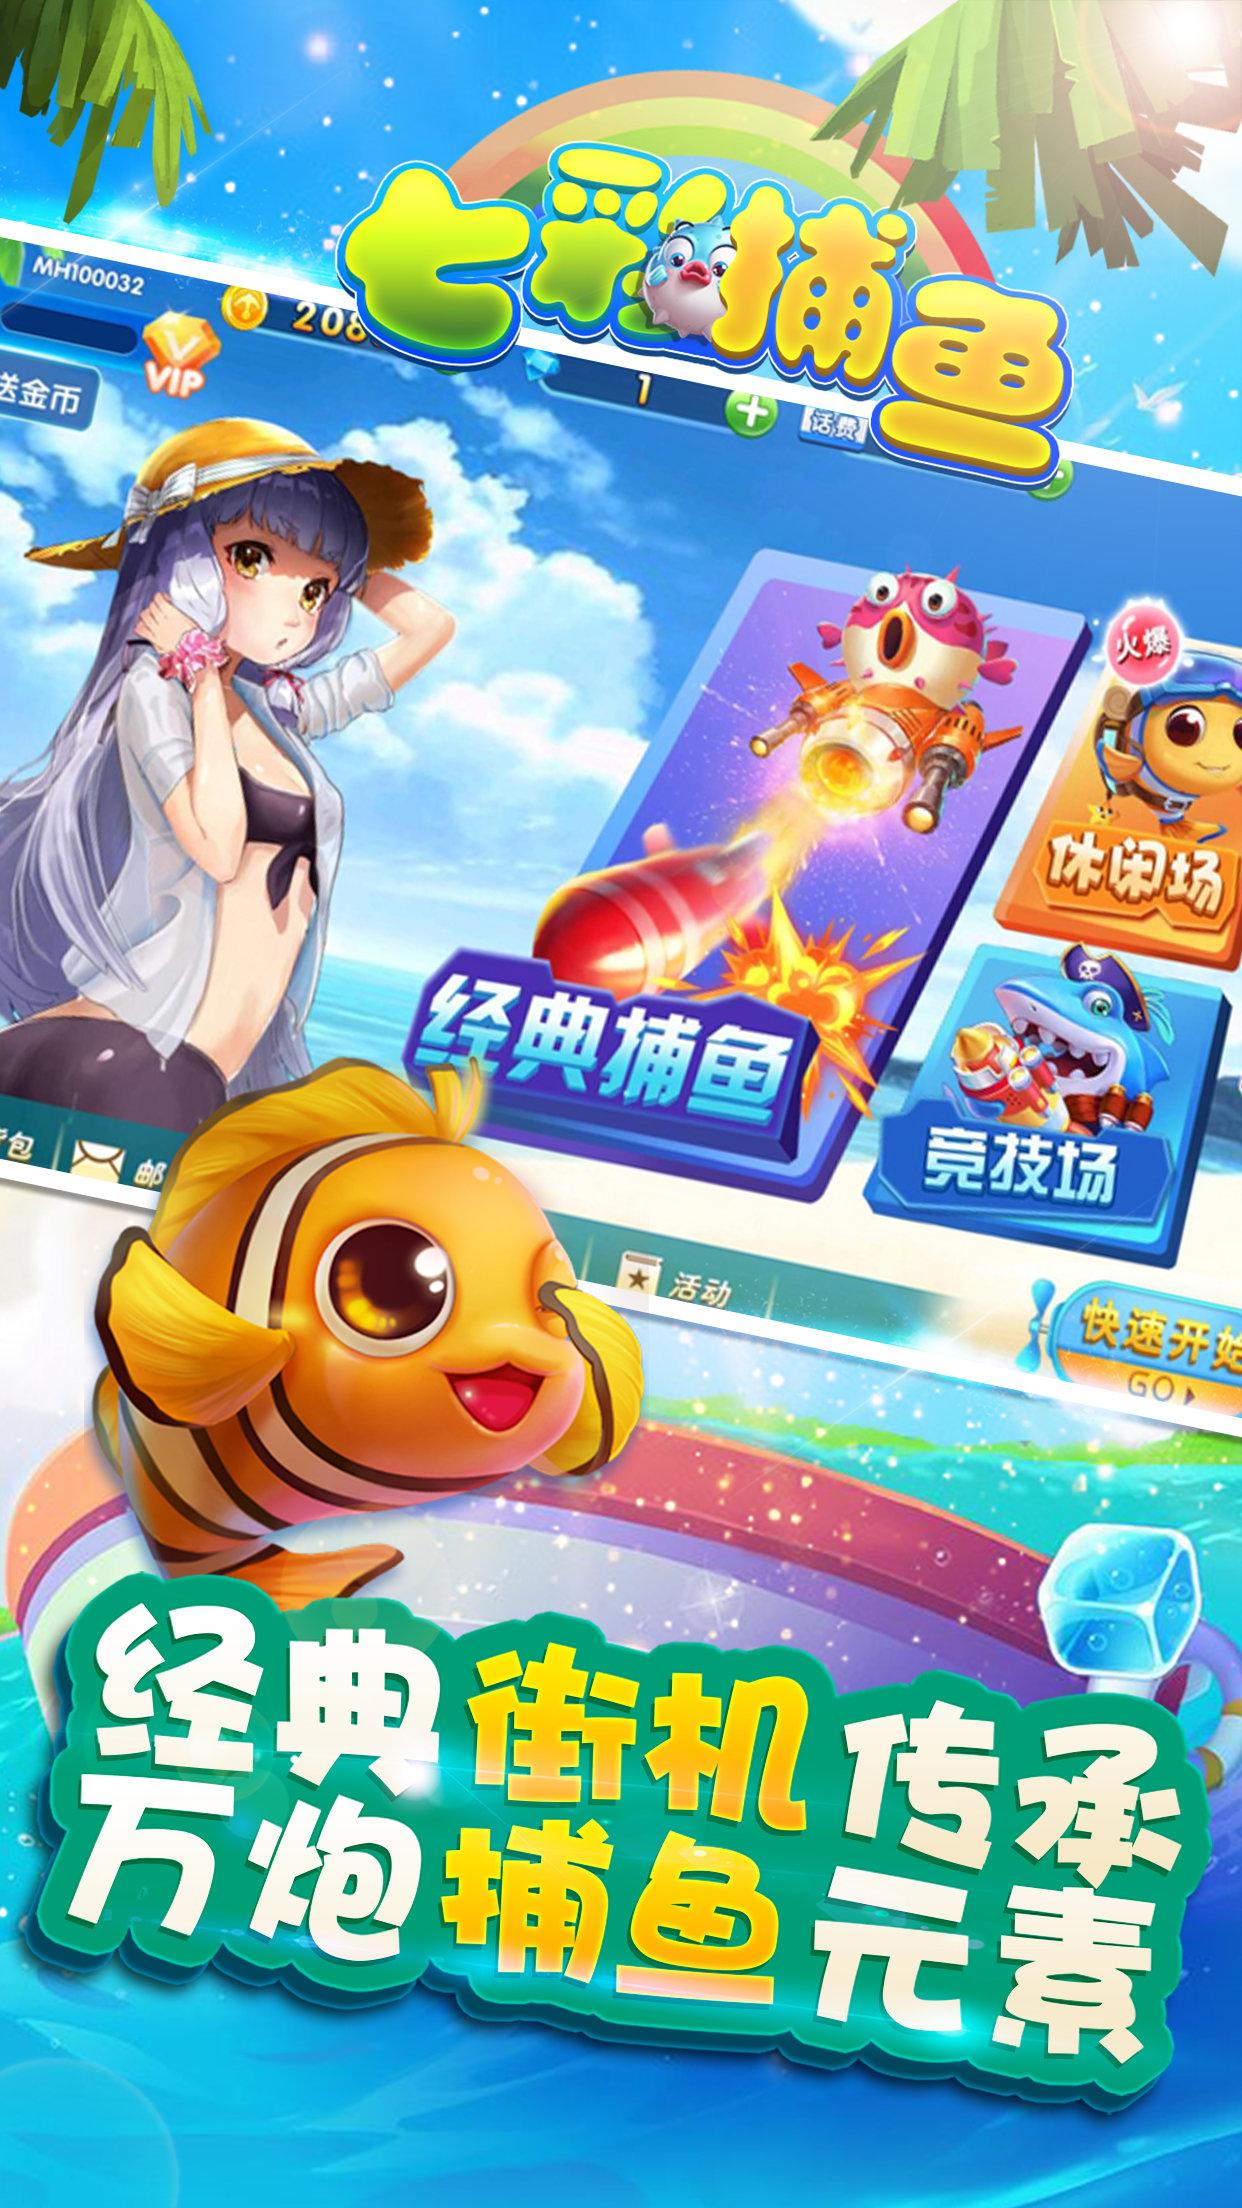 七彩捕鱼图5